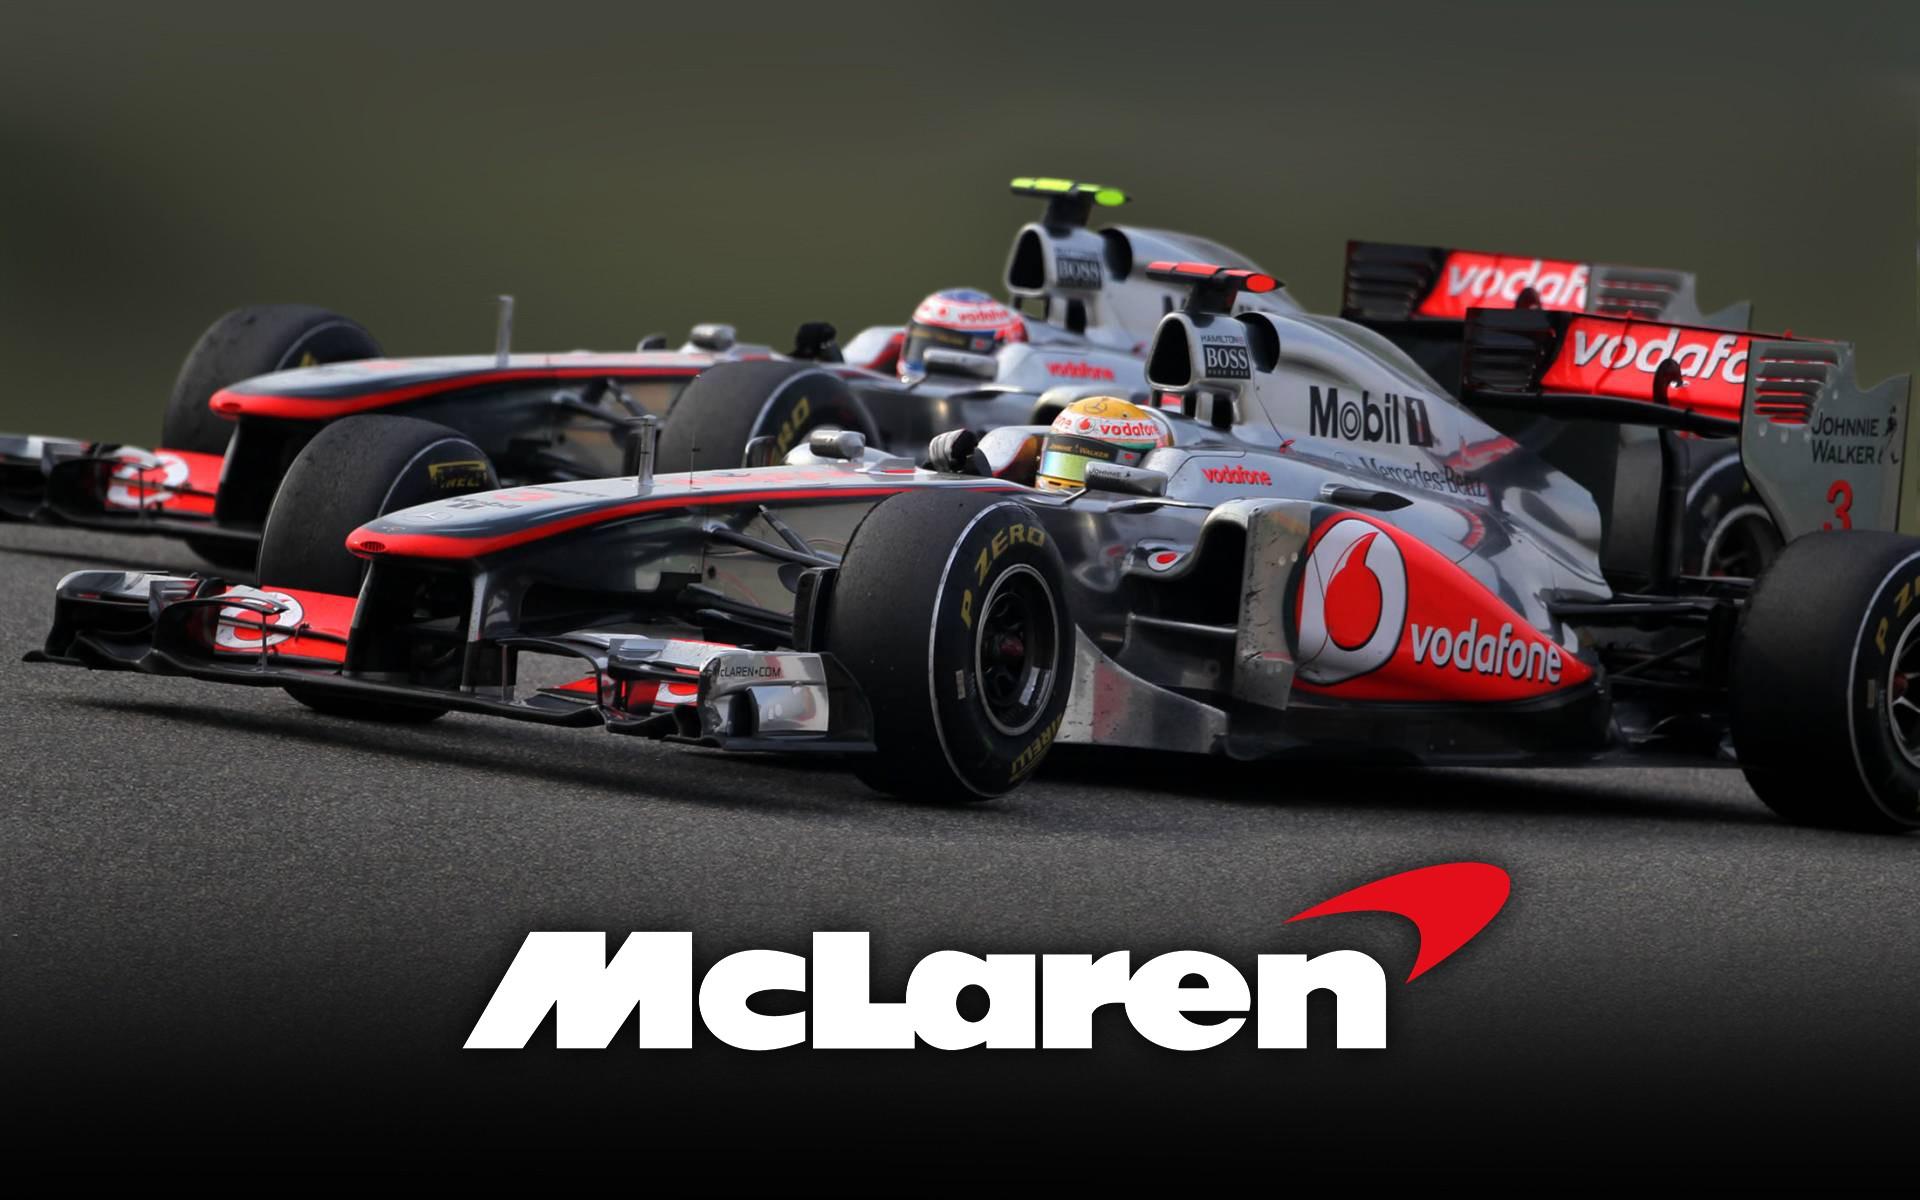 McLaren Formula 1 - 1920x1200